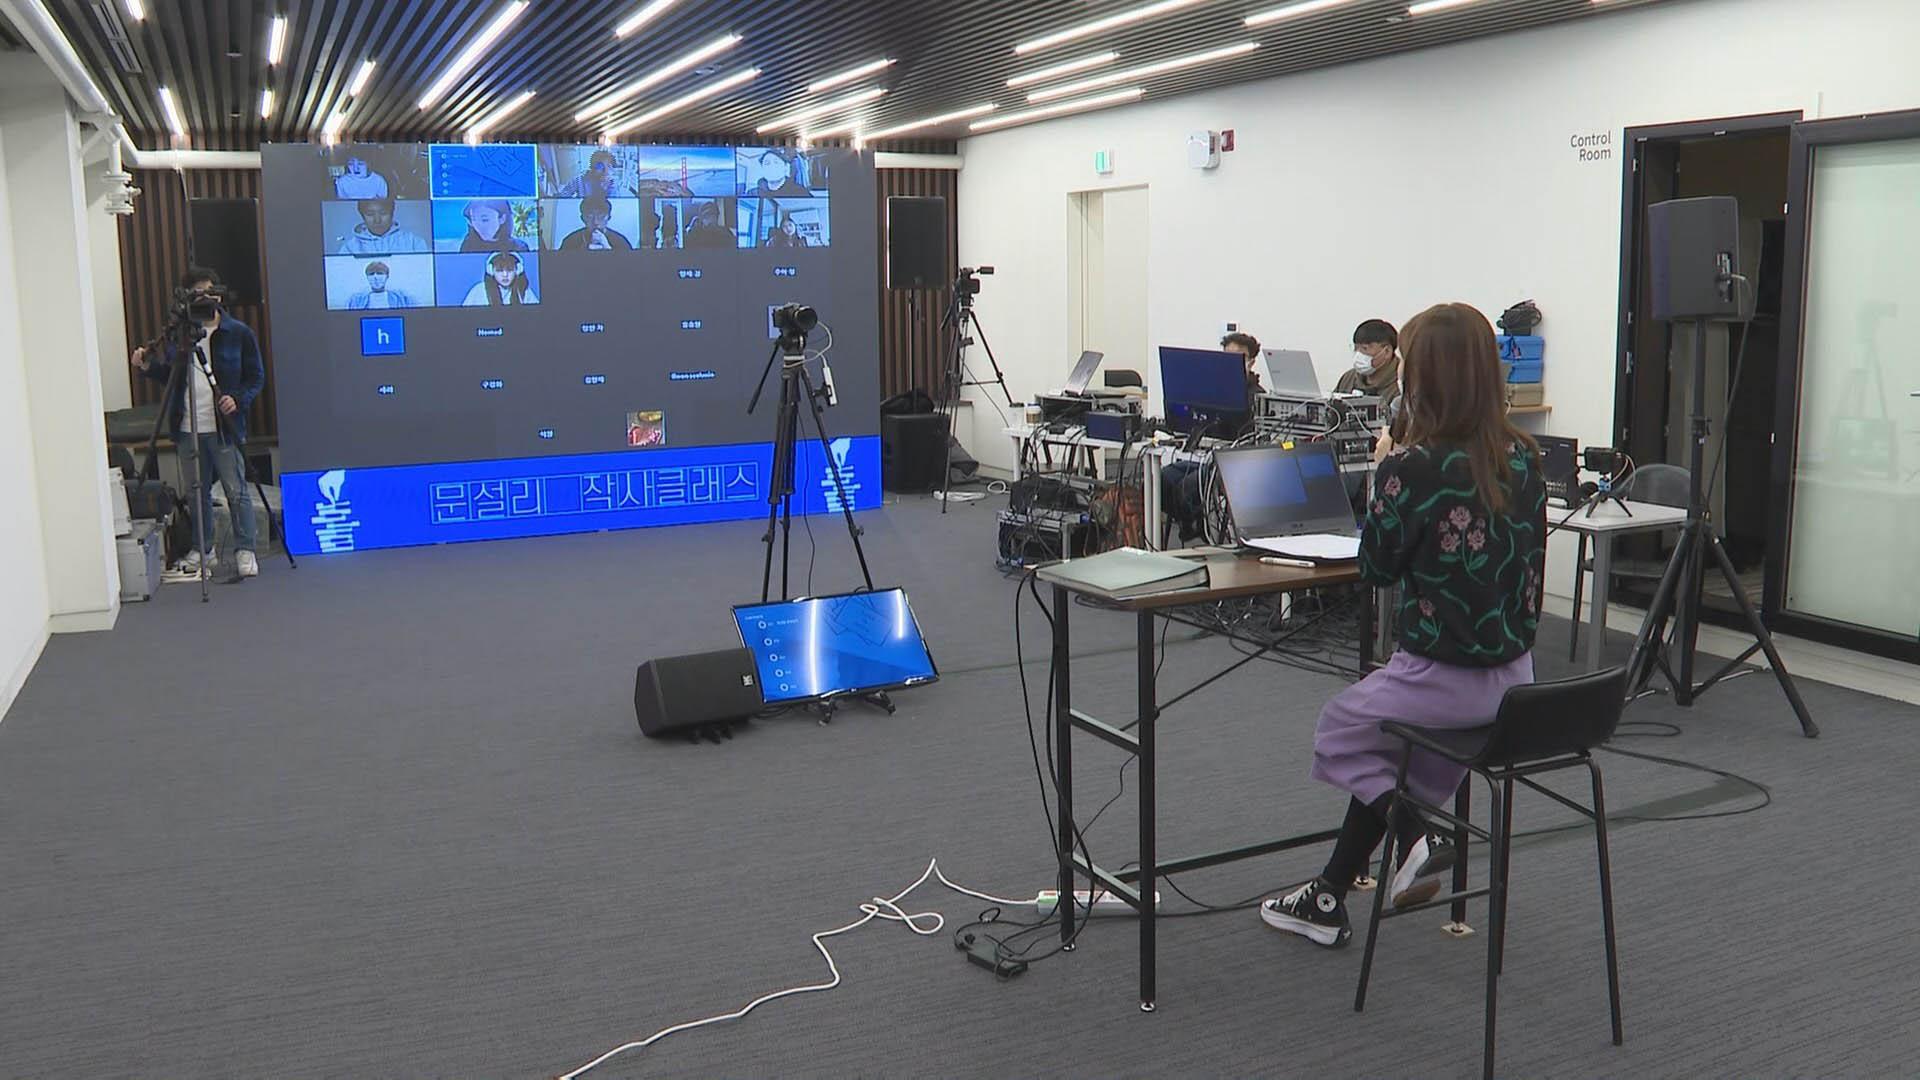 오픈창동, 코로나19 속 온라인 창작 음악 활동